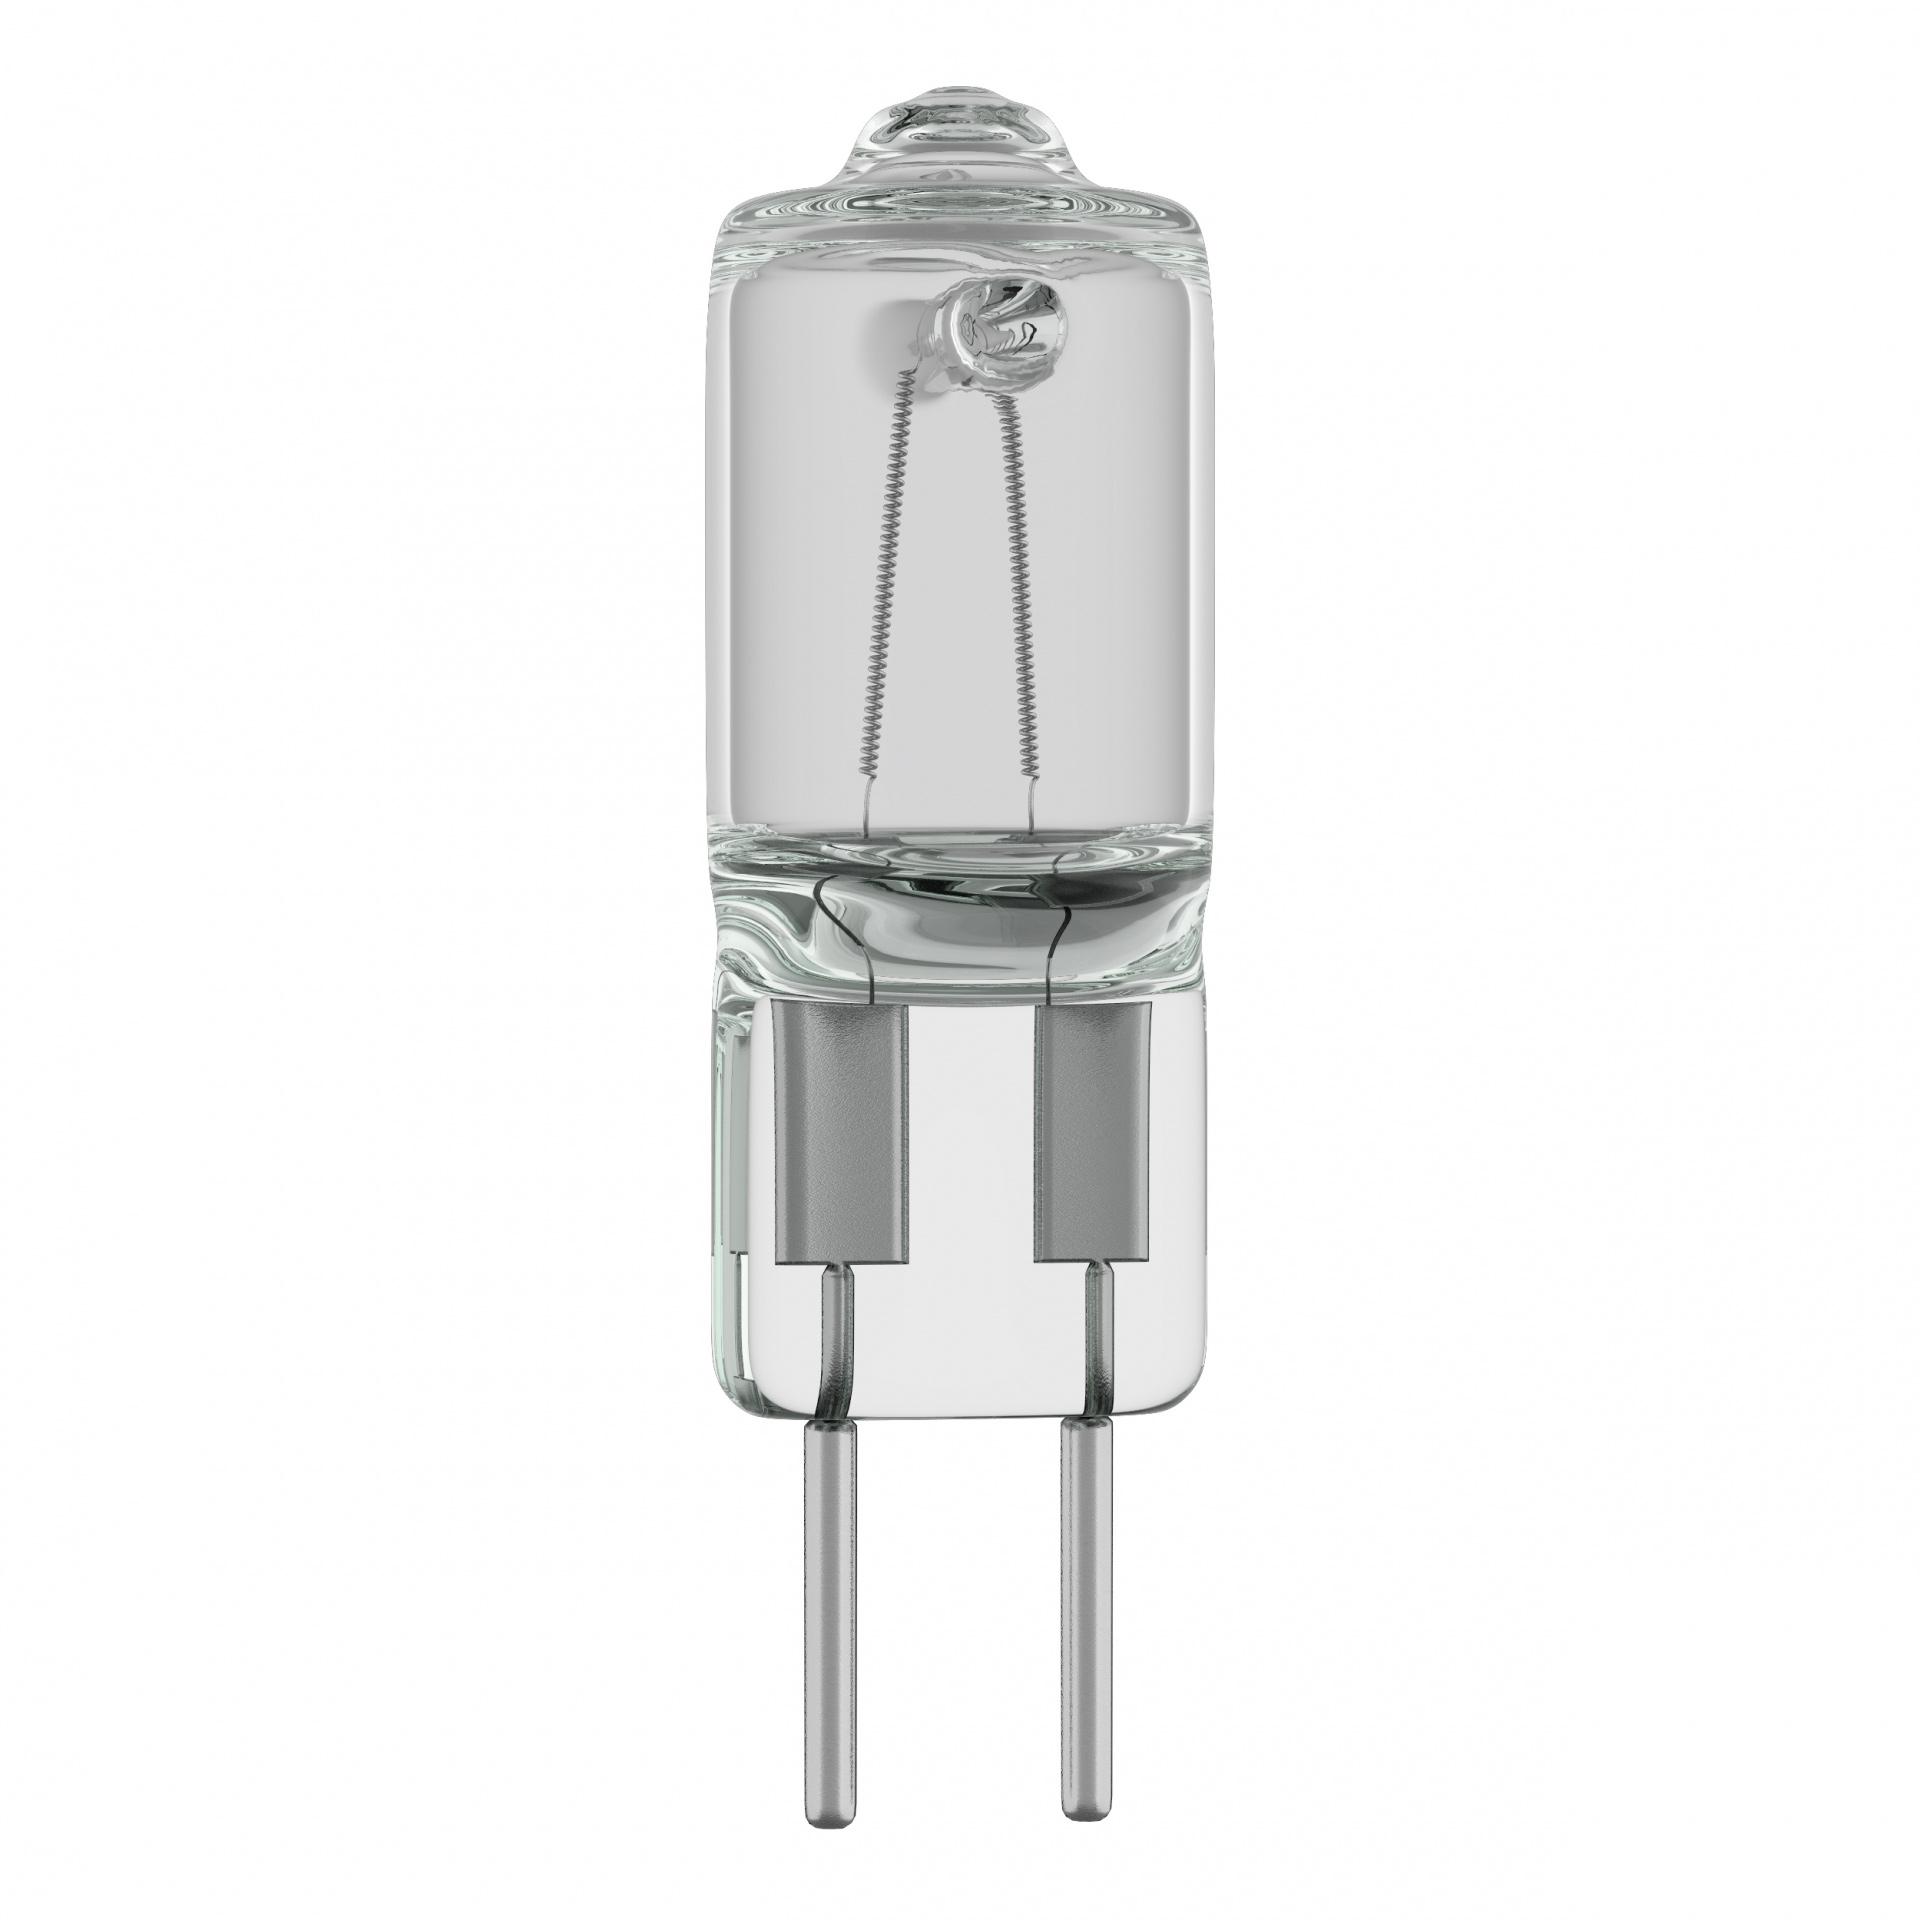 Лампа HAL 220V JC G5.3 50W CL RA100 2800K 2000H DIMM Lightstar 922029, купить в СПб, Москве, с доставкой, Санкт-Петербург, интернет-магазин люстр и светильников Starlight, фото в жизни